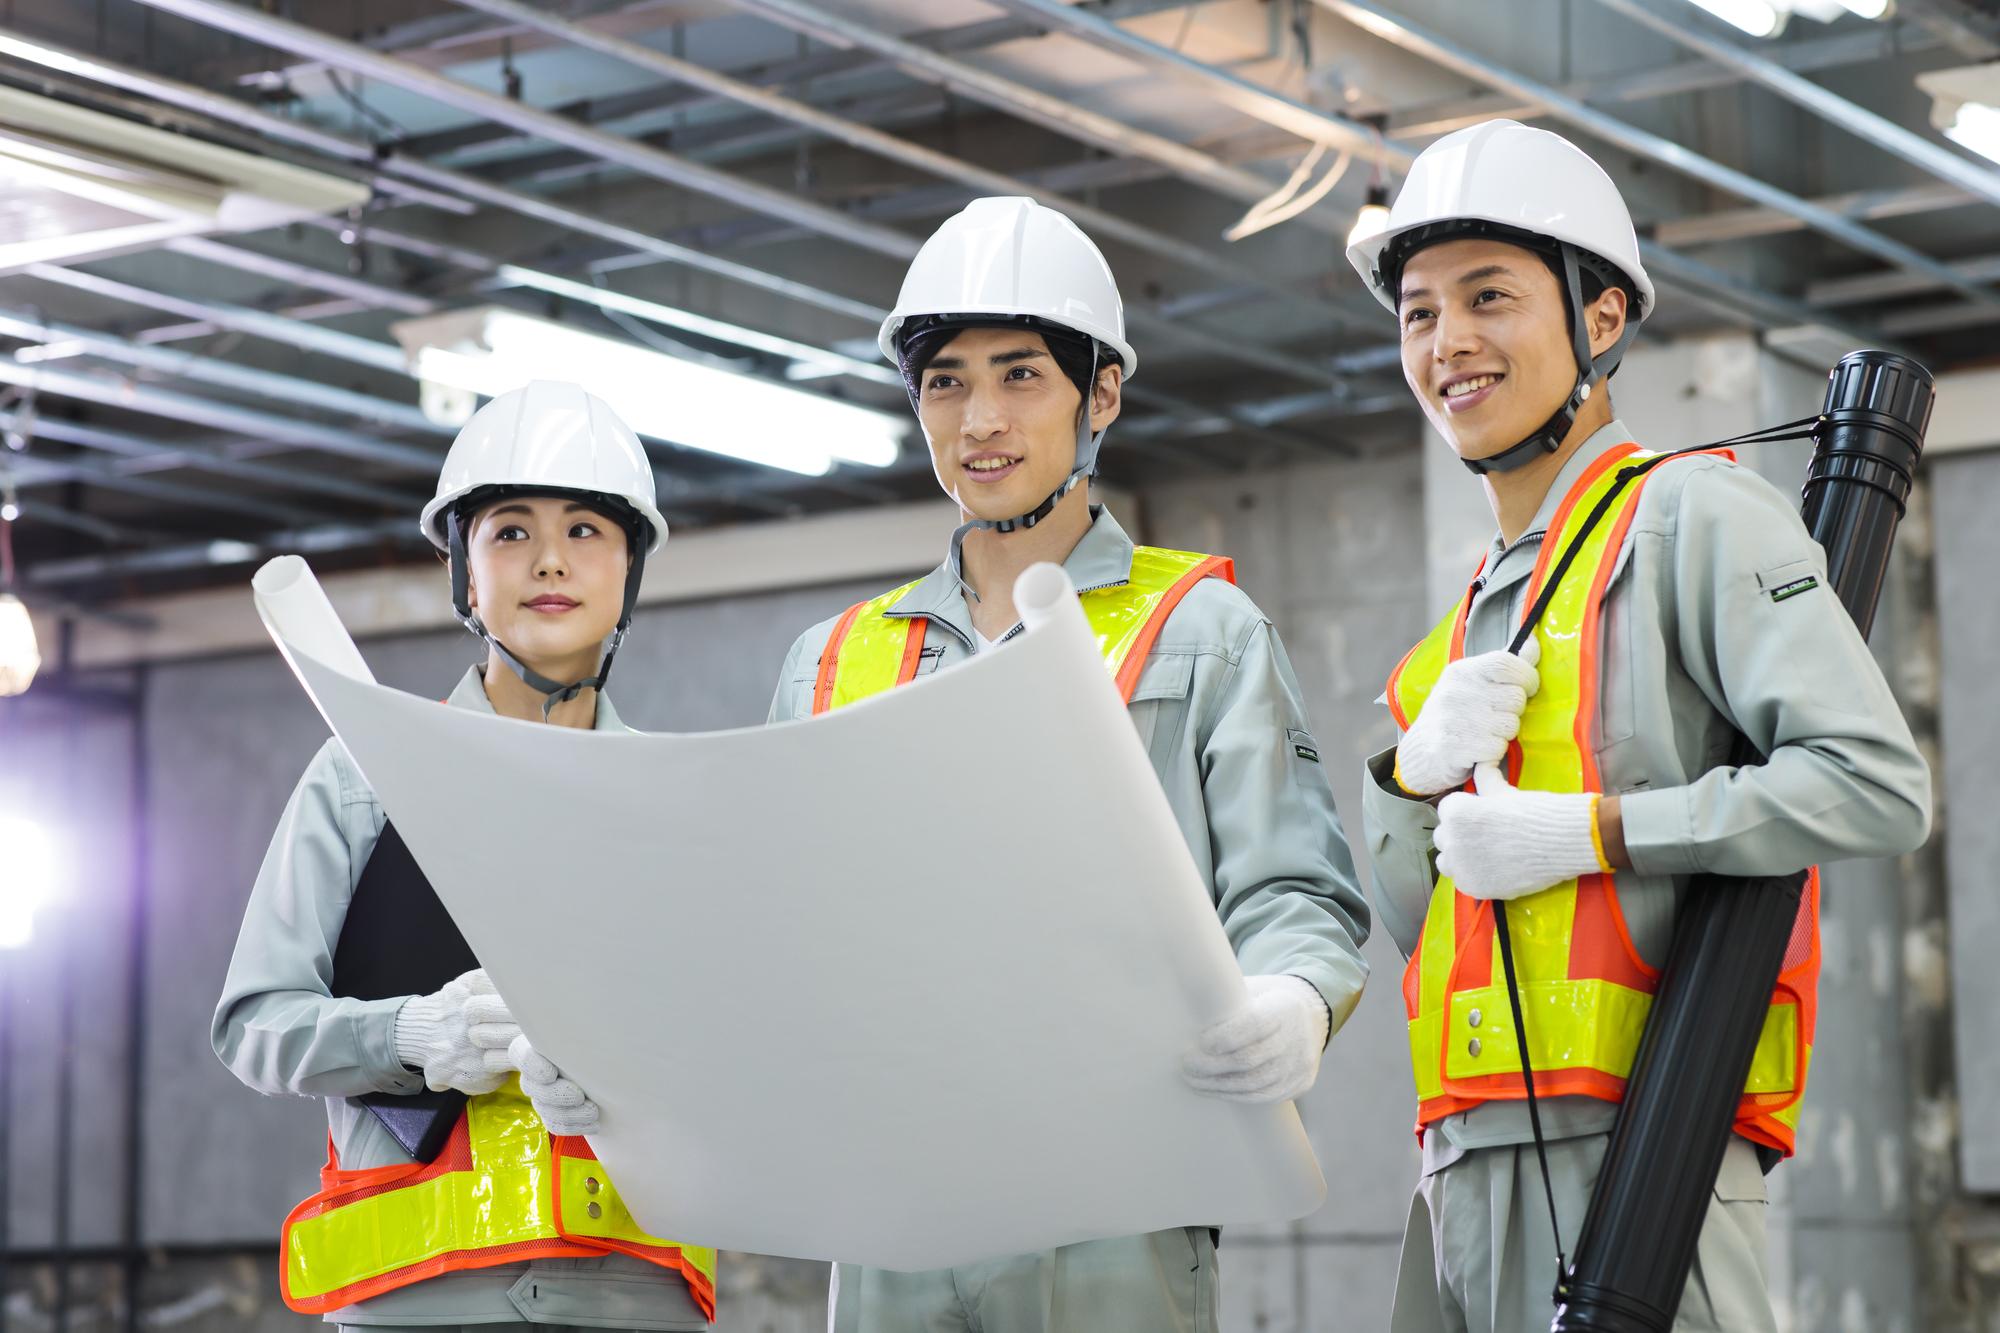 現場監督・施工管理の仕事内容5つ|安全管理をする時に重要な3つのこととは?